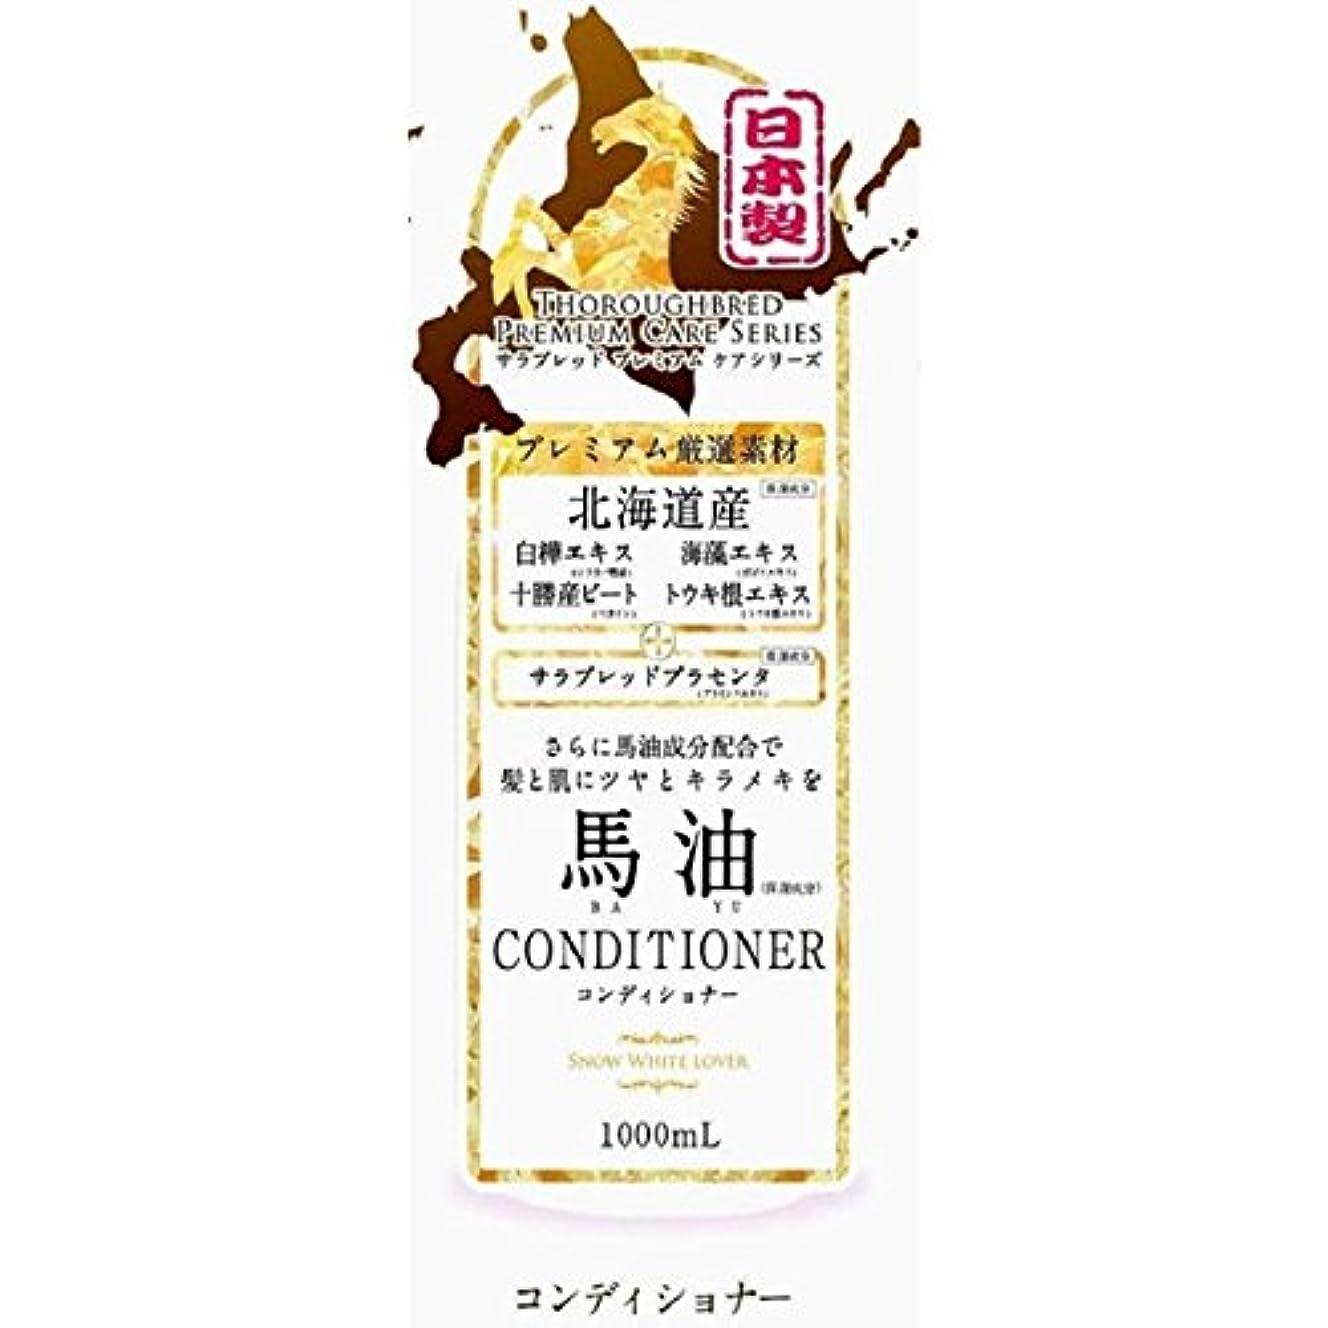 スワップエンディングデザート北海道 馬油コンディショナー 1000ml × 6本